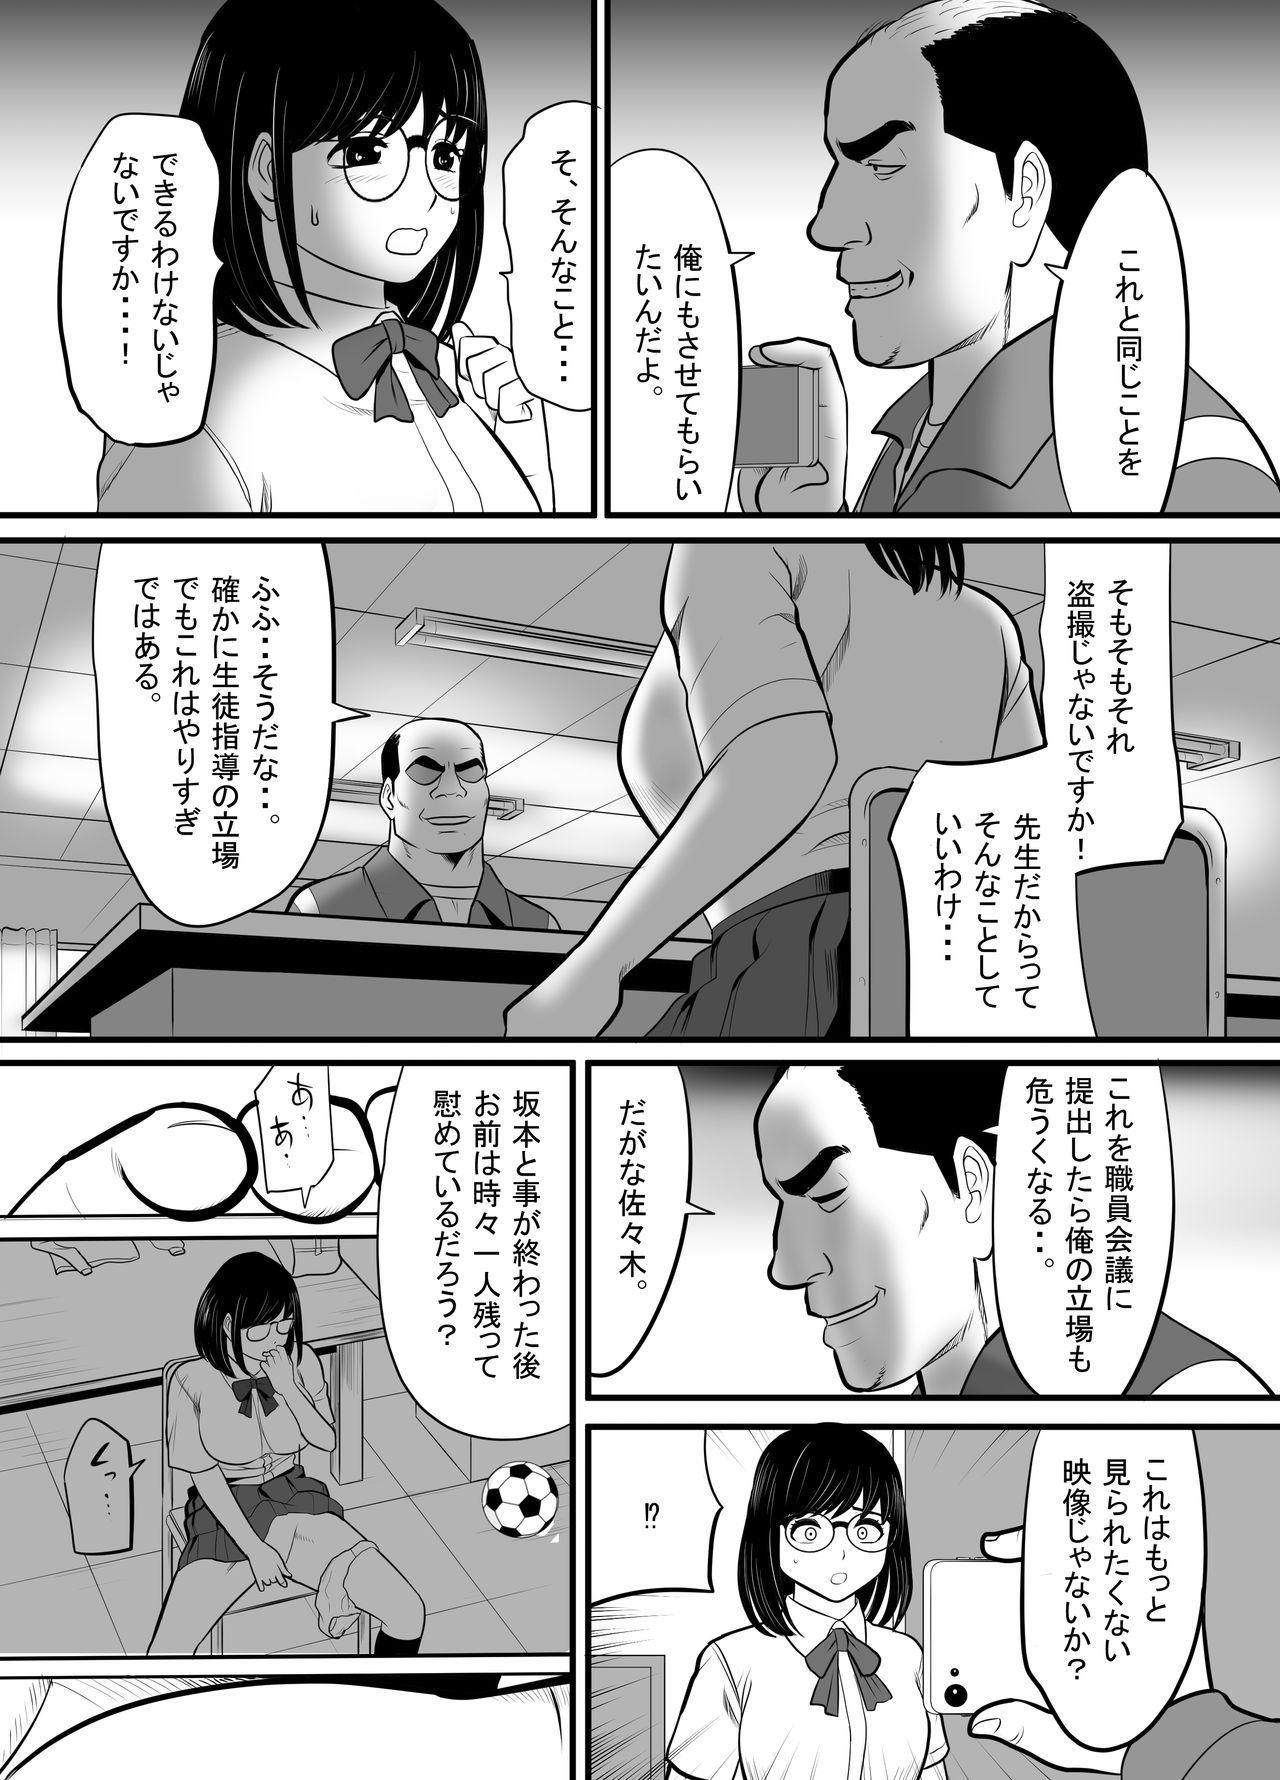 Namaiki na Danshi Seito ga Ita node Juujun na Kanojo o Kawari ni Otoshite yatta 10